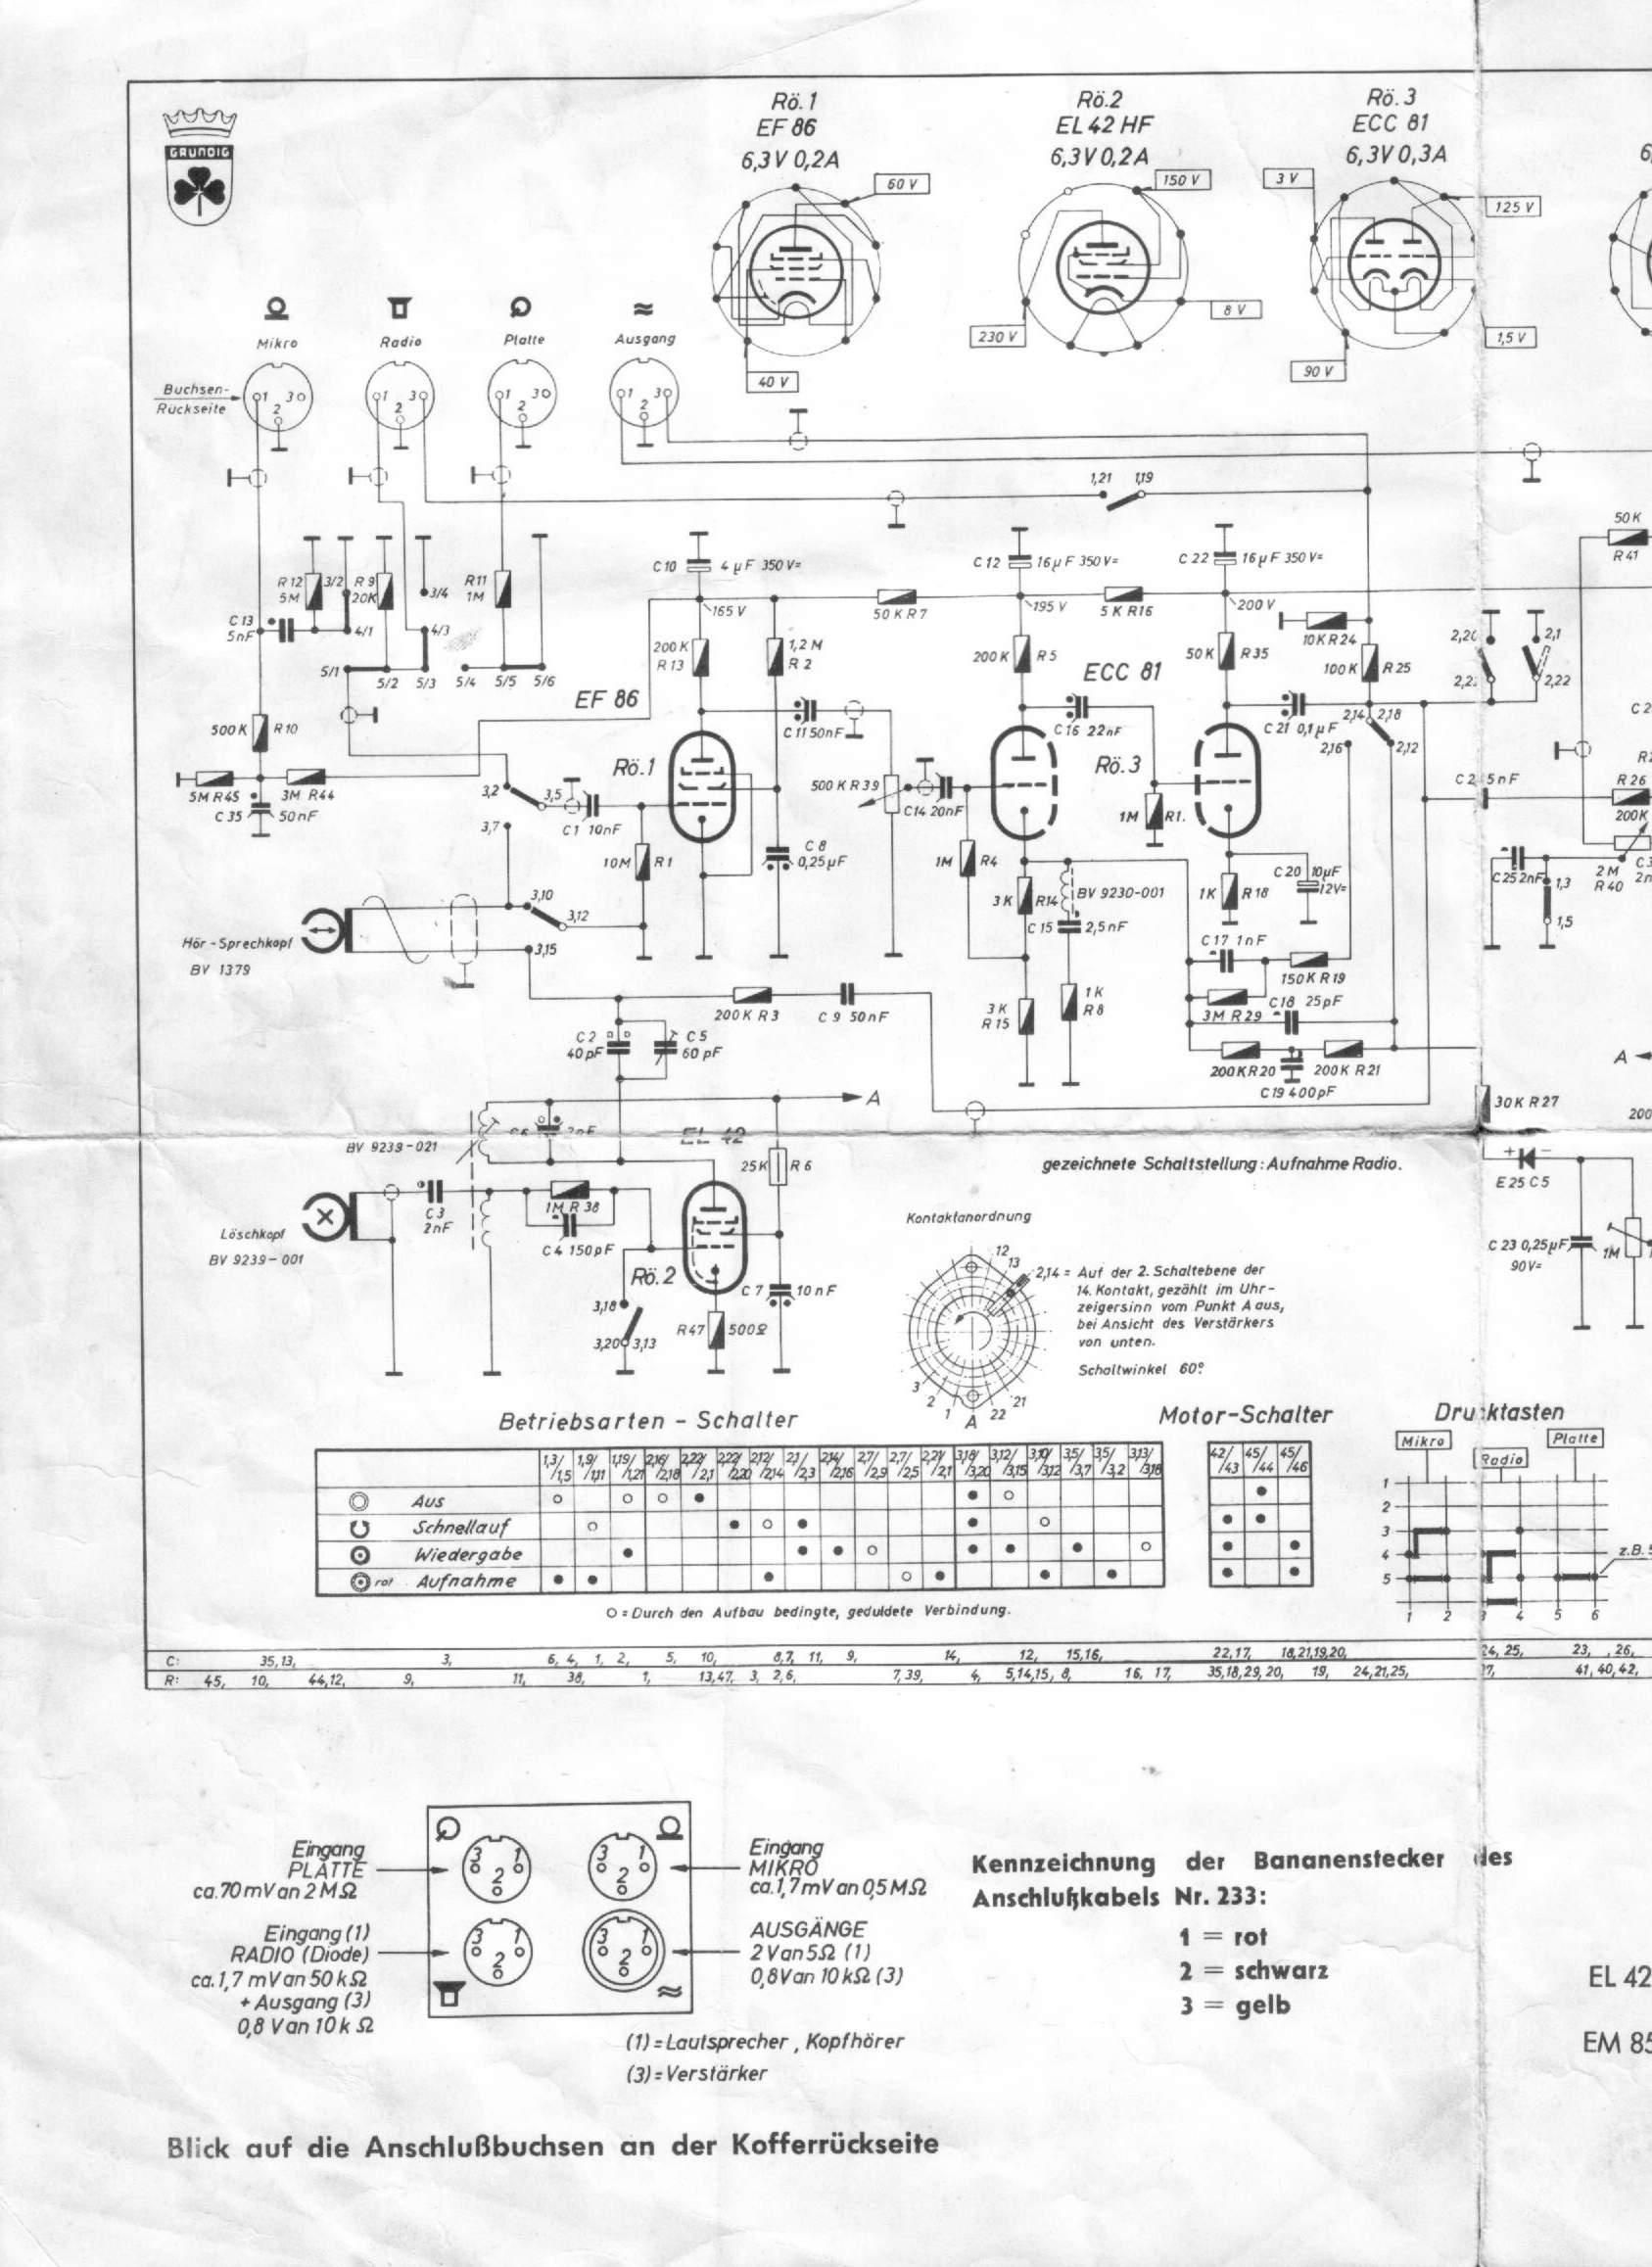 Schaltbilder und Anleitungen zu verschiedenen Geräten - Tonband- und ...